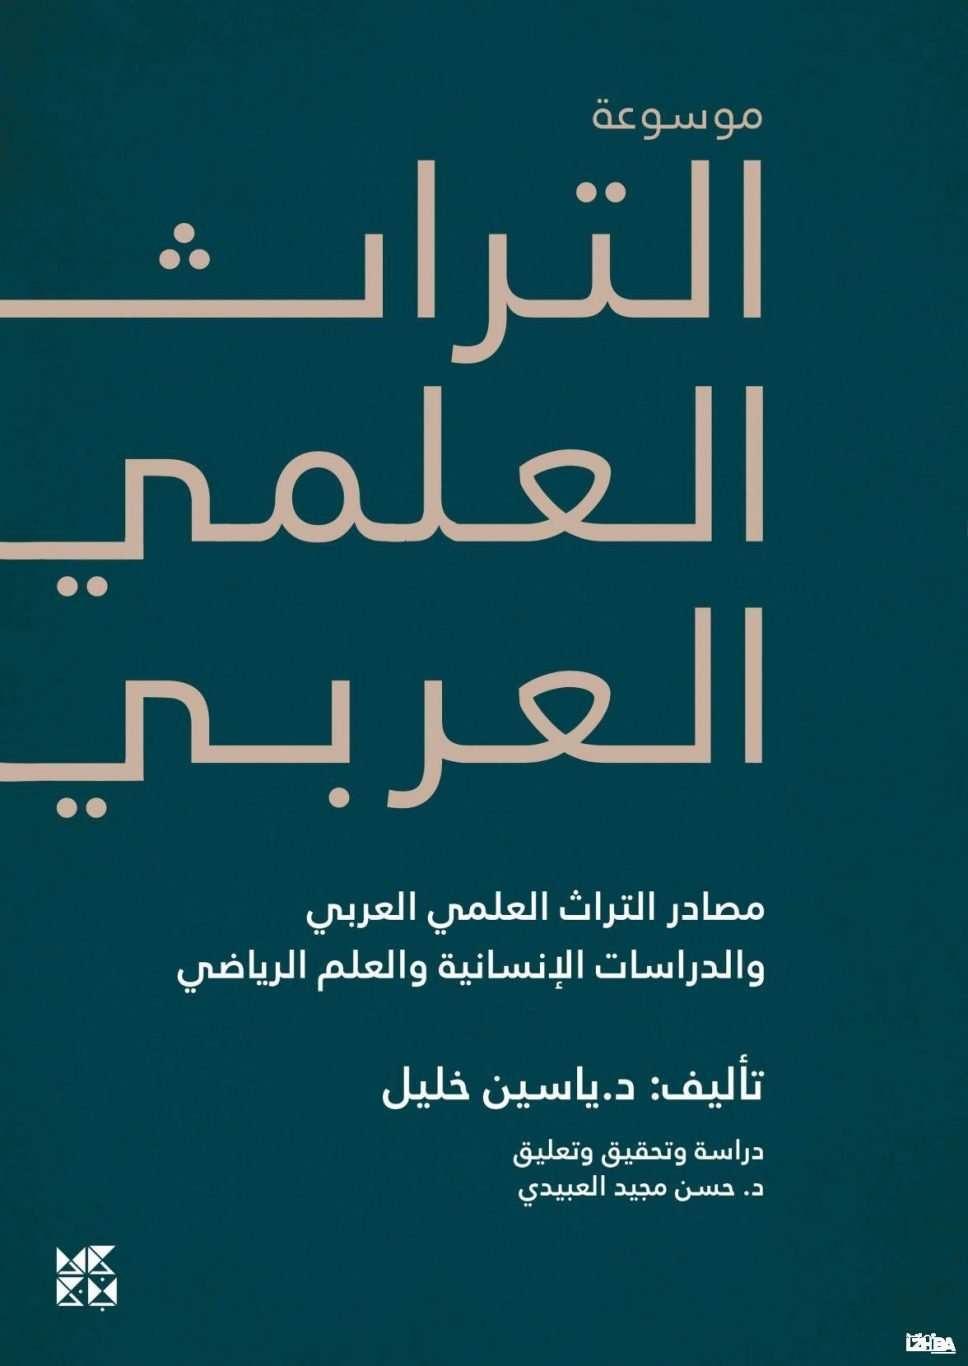 موسوعة التراث العلمي العربي : في مصادر التراث العلمي العربي والدراسات الإنسانية والعلم الرياضي